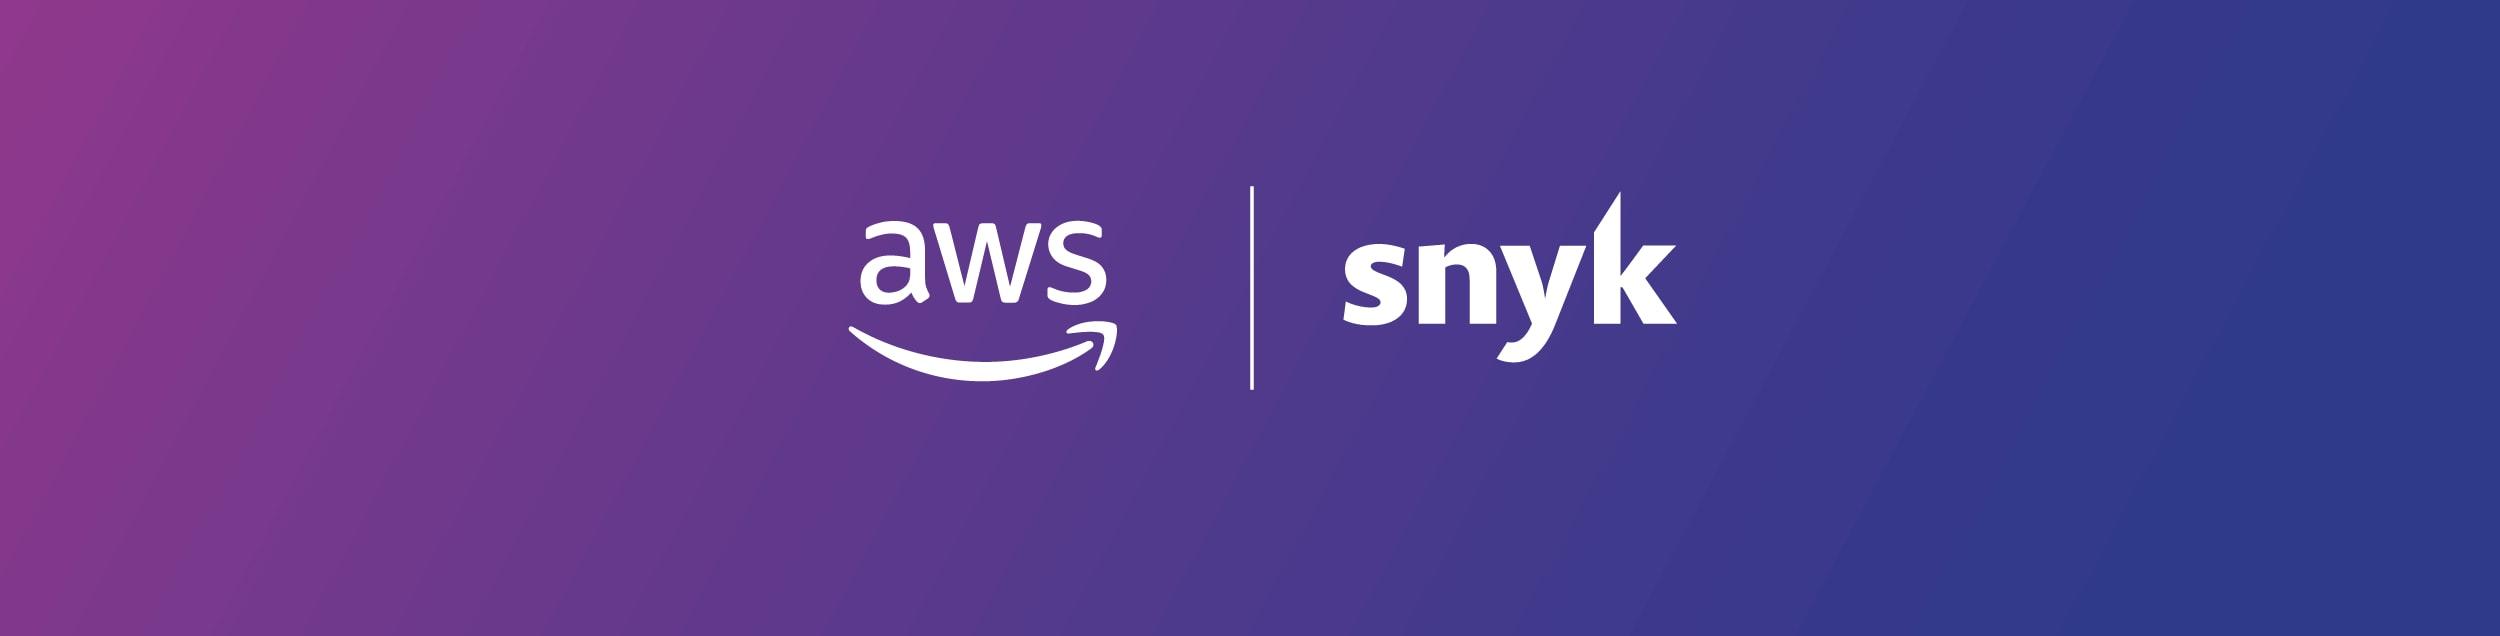 secure Amazon Elastic Kubernetes Service